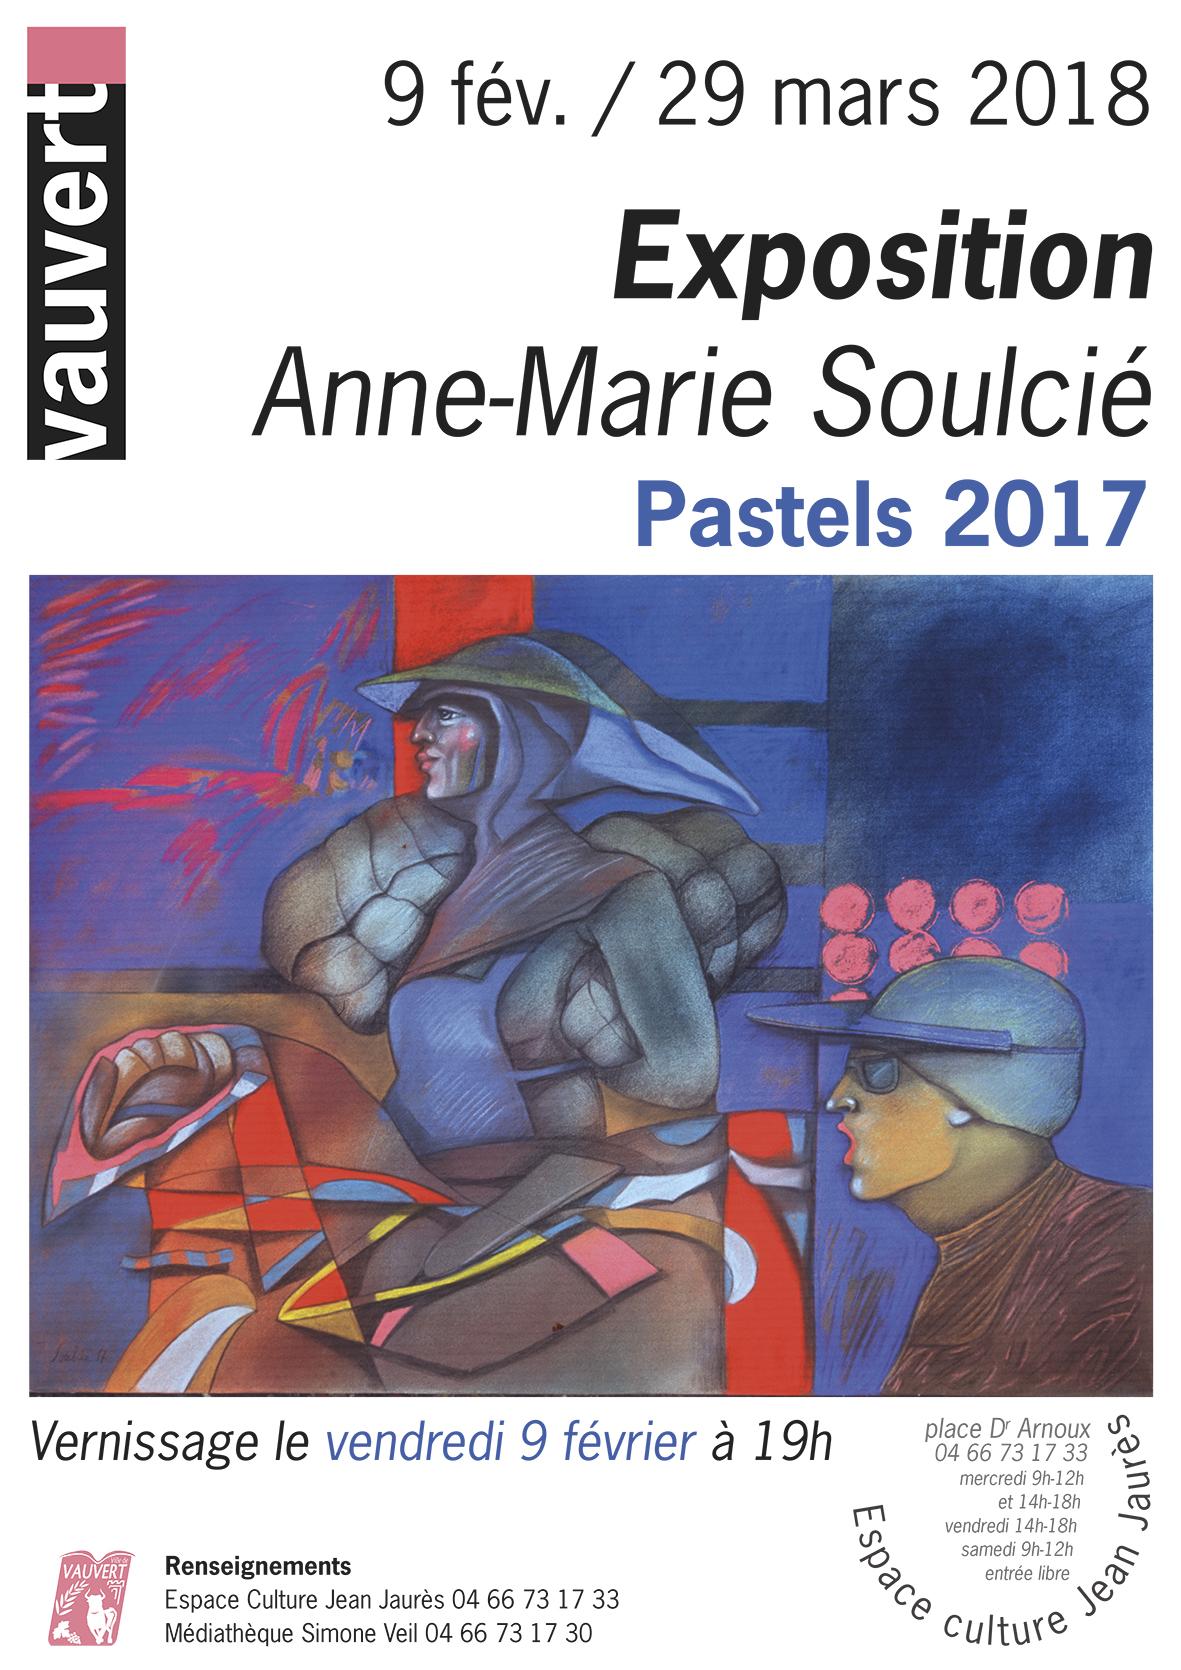 Exposition de pastels Anne-Marie Soulcié @ Espace Culture Jean Jaurès à Vauvert | Vauvert | Occitanie | France